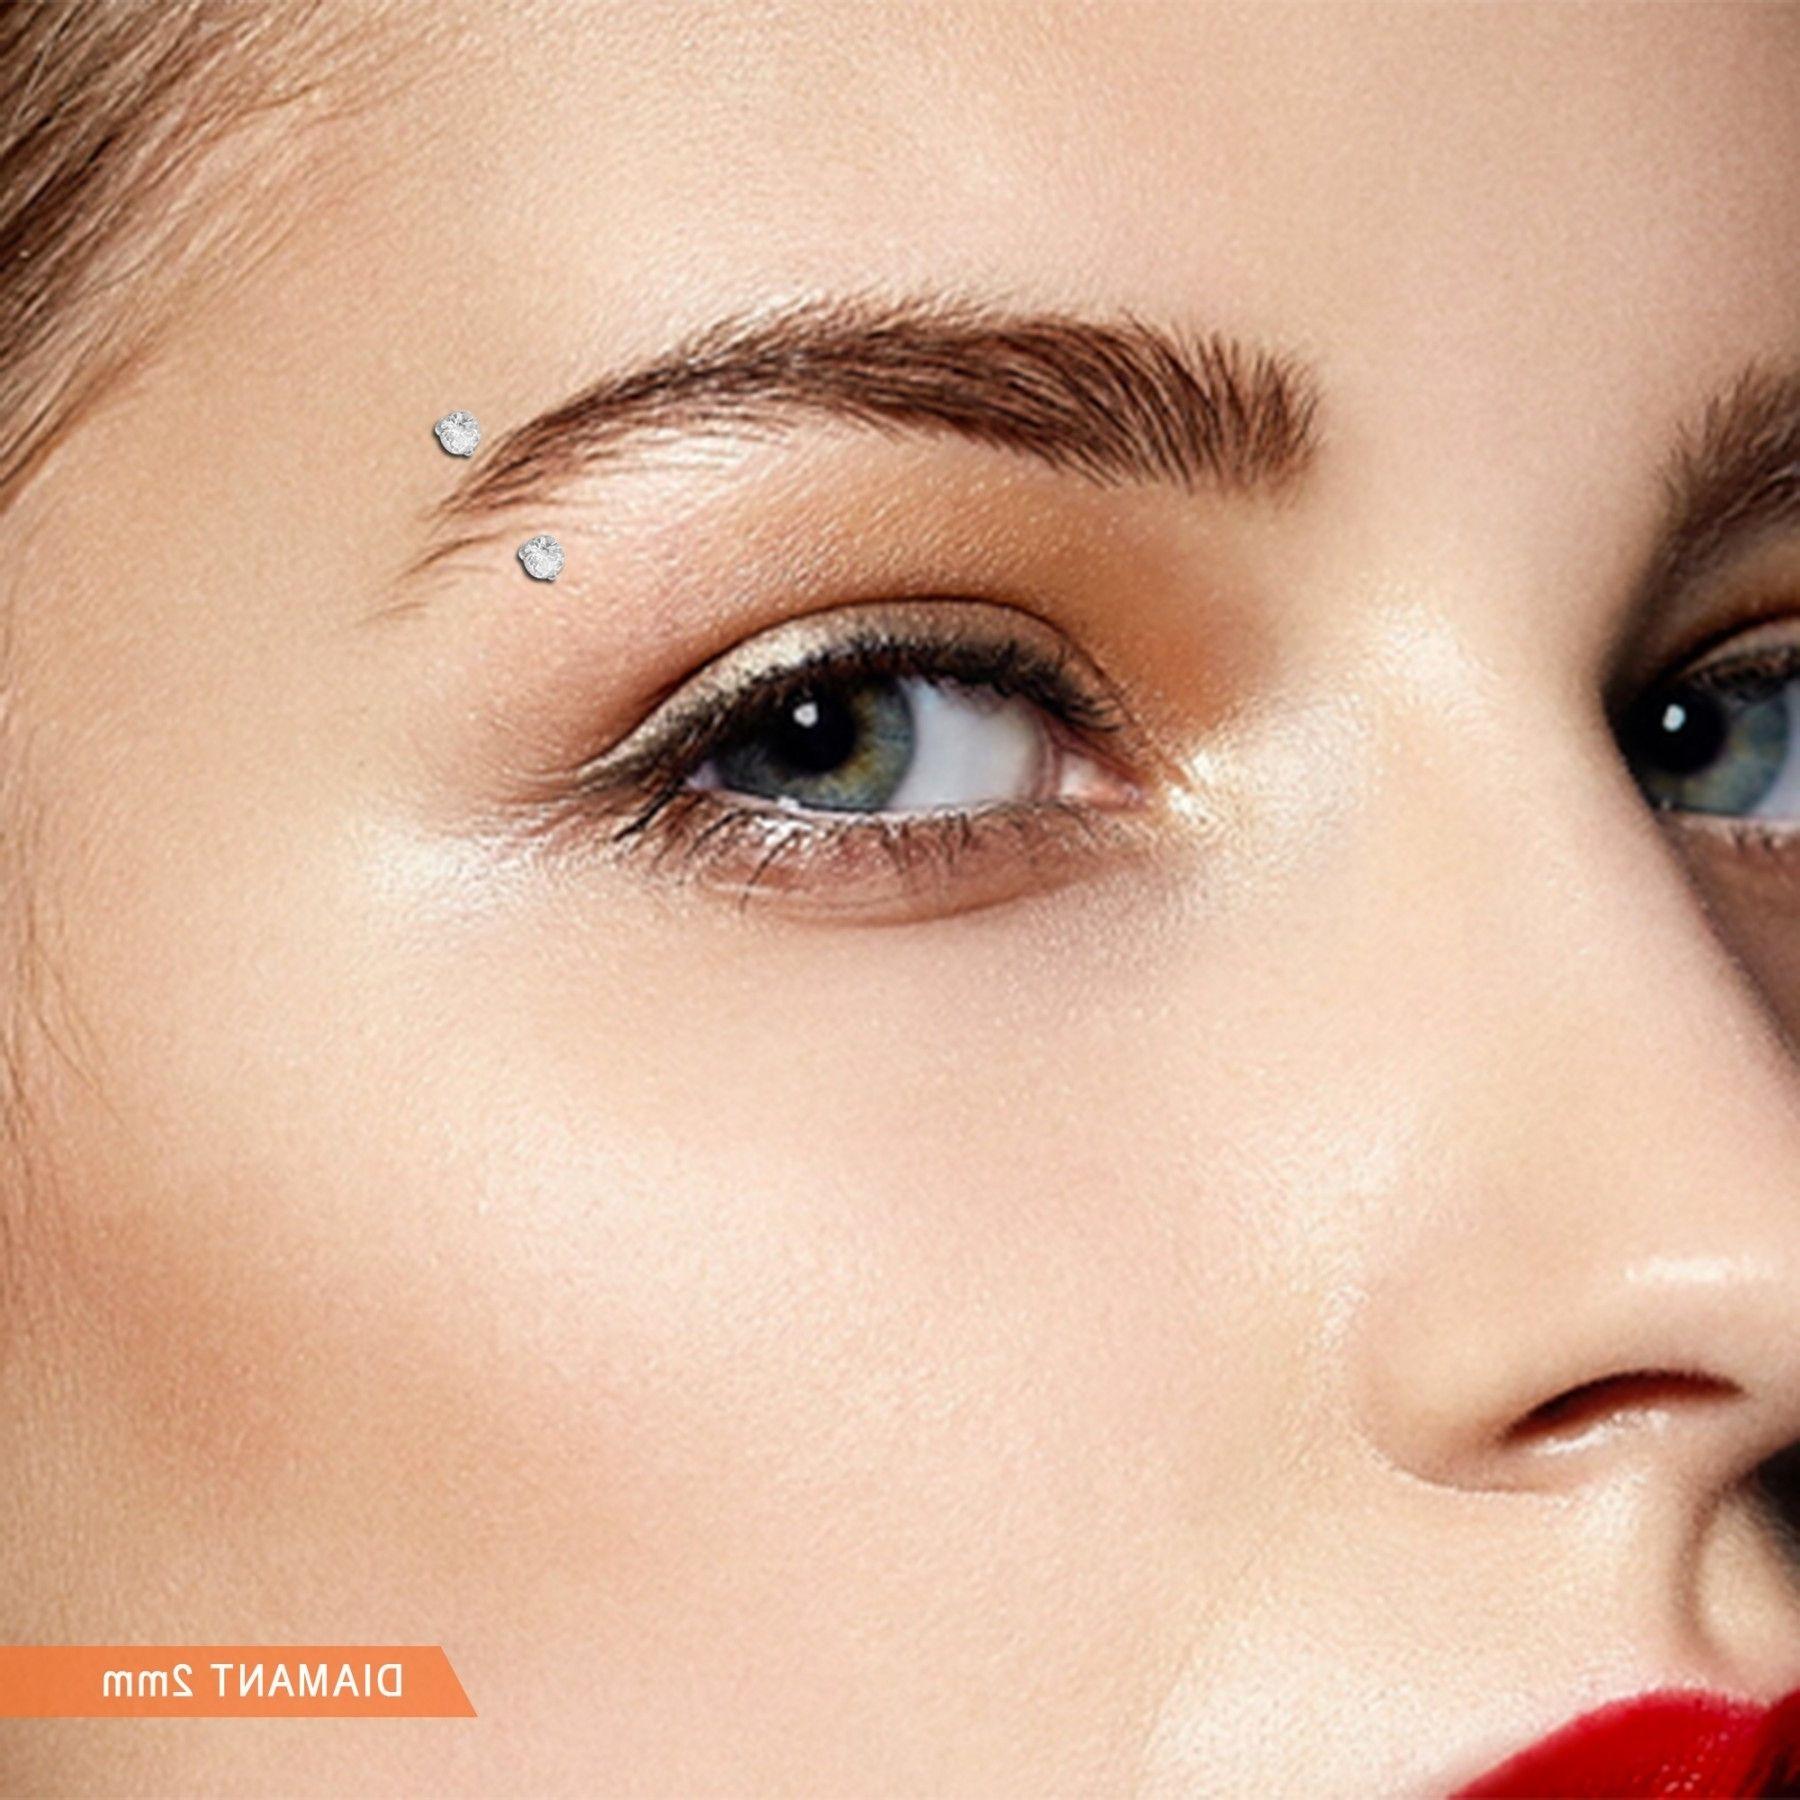 Diamond Stud Eyebrow Ring Ring In 2018 Pinterest Piercings